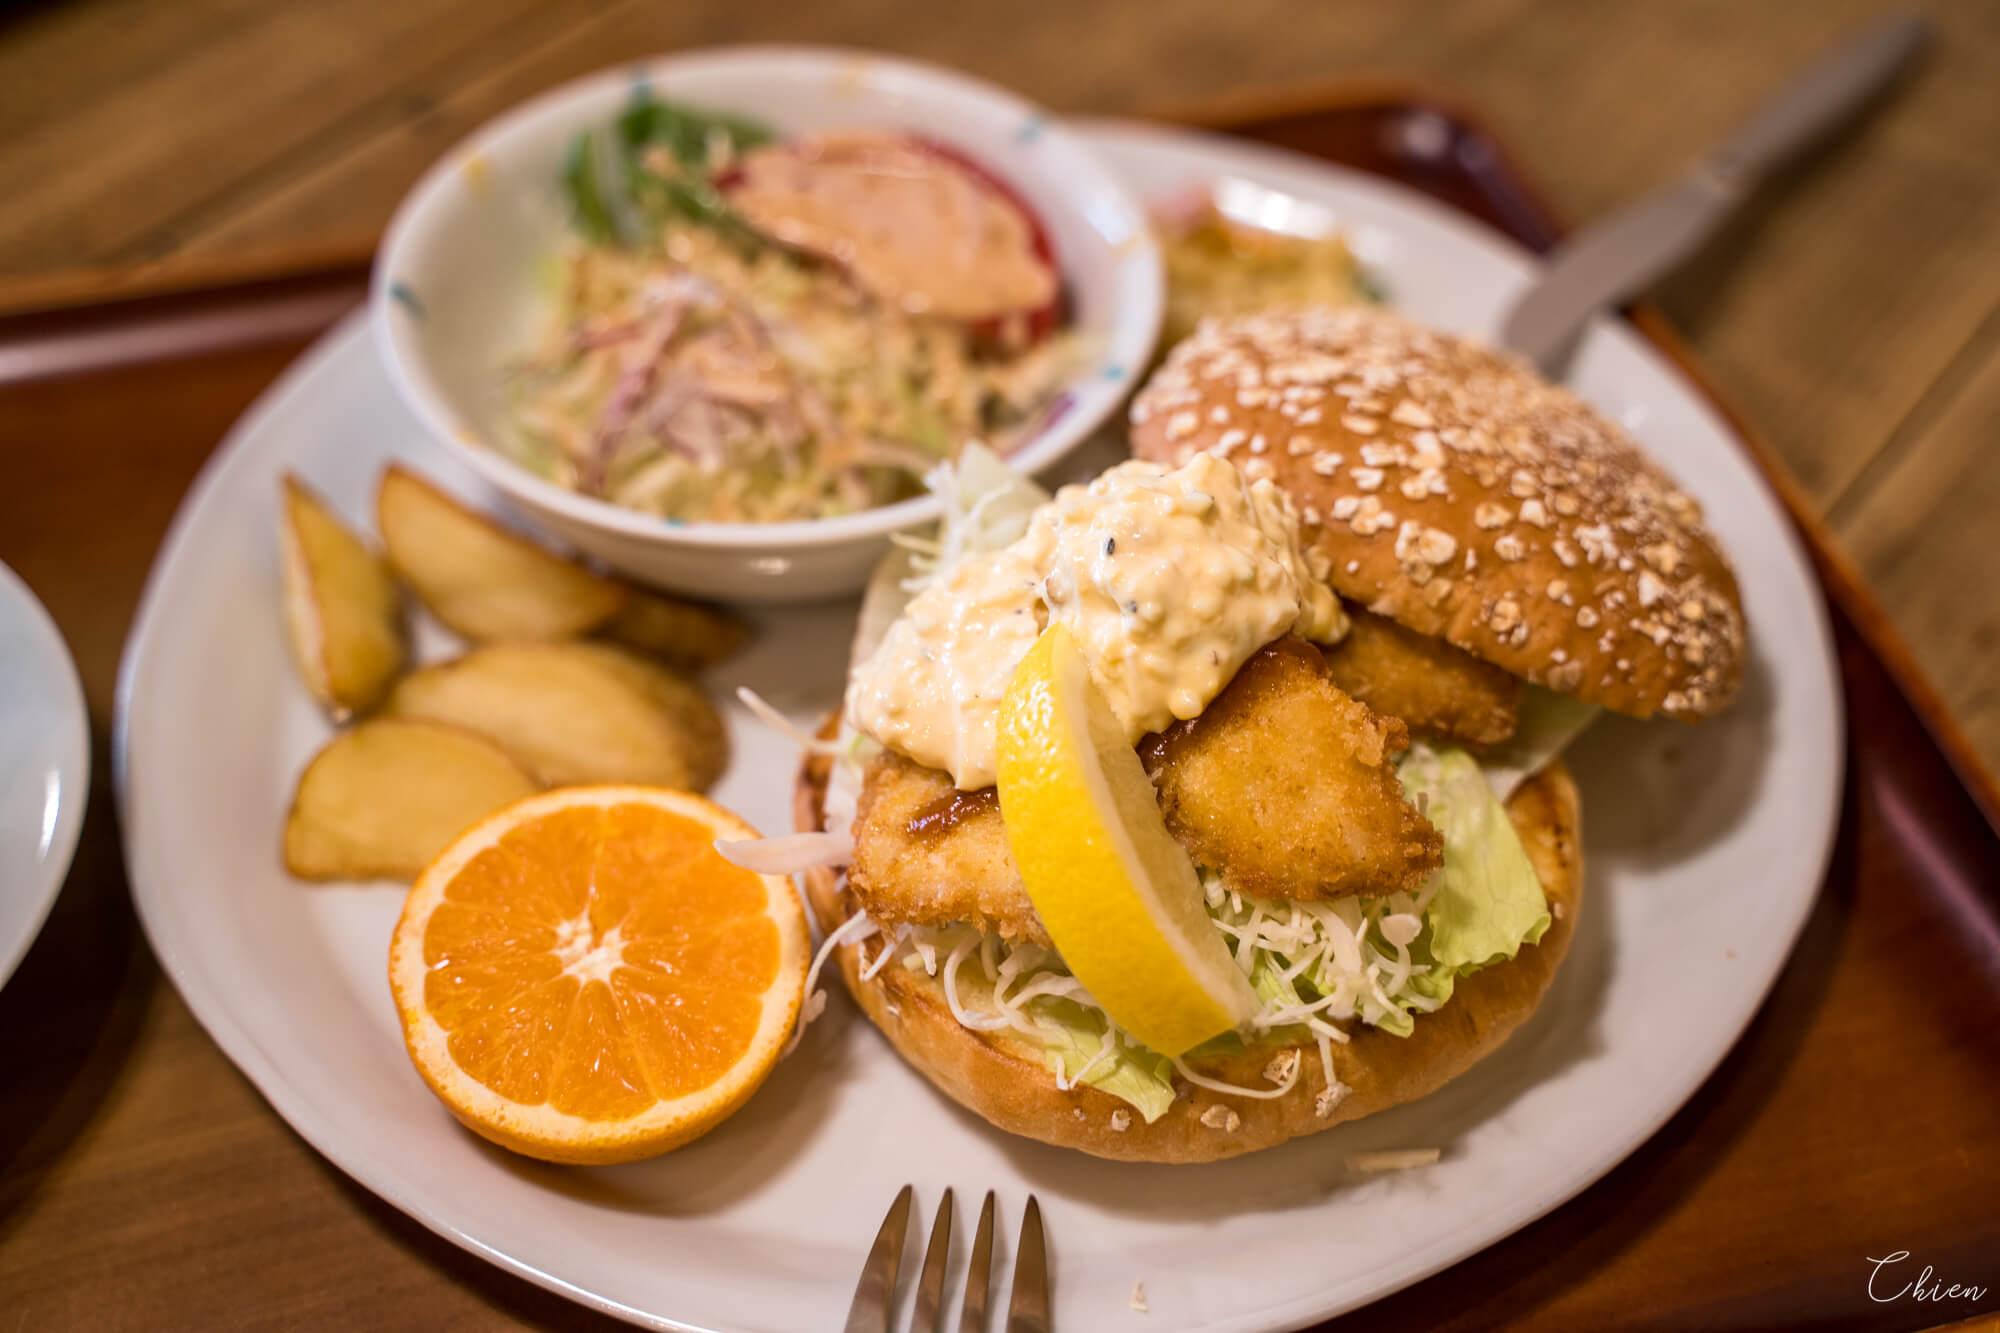 愛媛道後溫泉 鯛魚漢堡午餐